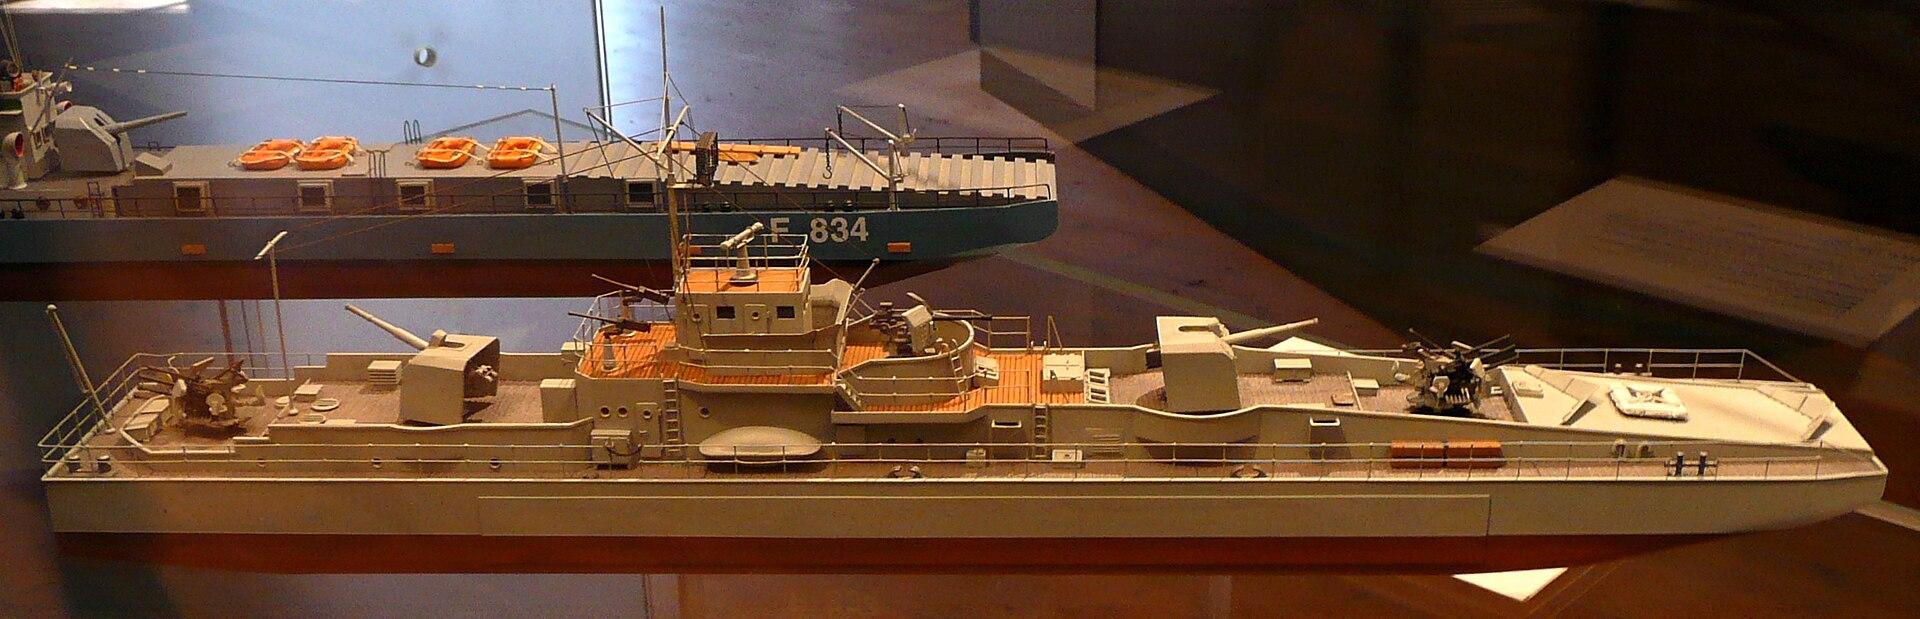 1920px-Artilleriefaehrprahm_Modell_1.JPG